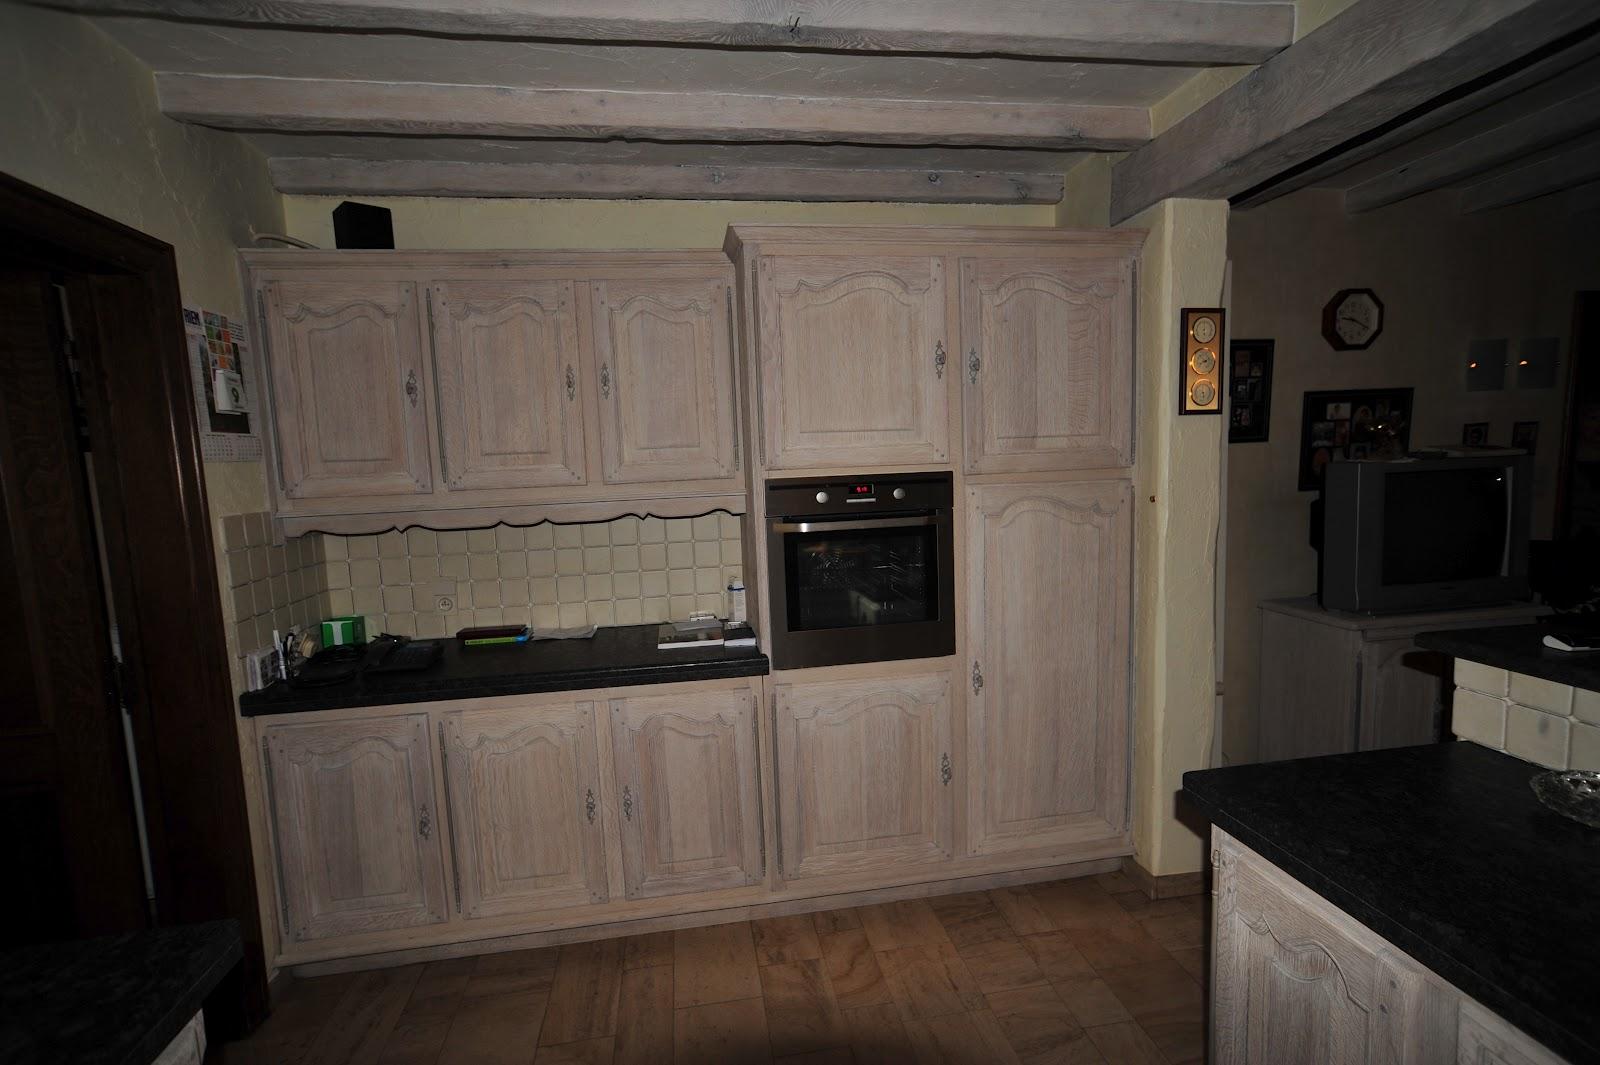 Renovatie van eiken keukens renovatie van een keuken uit de jaren 70 - Fotos van de keuken ...